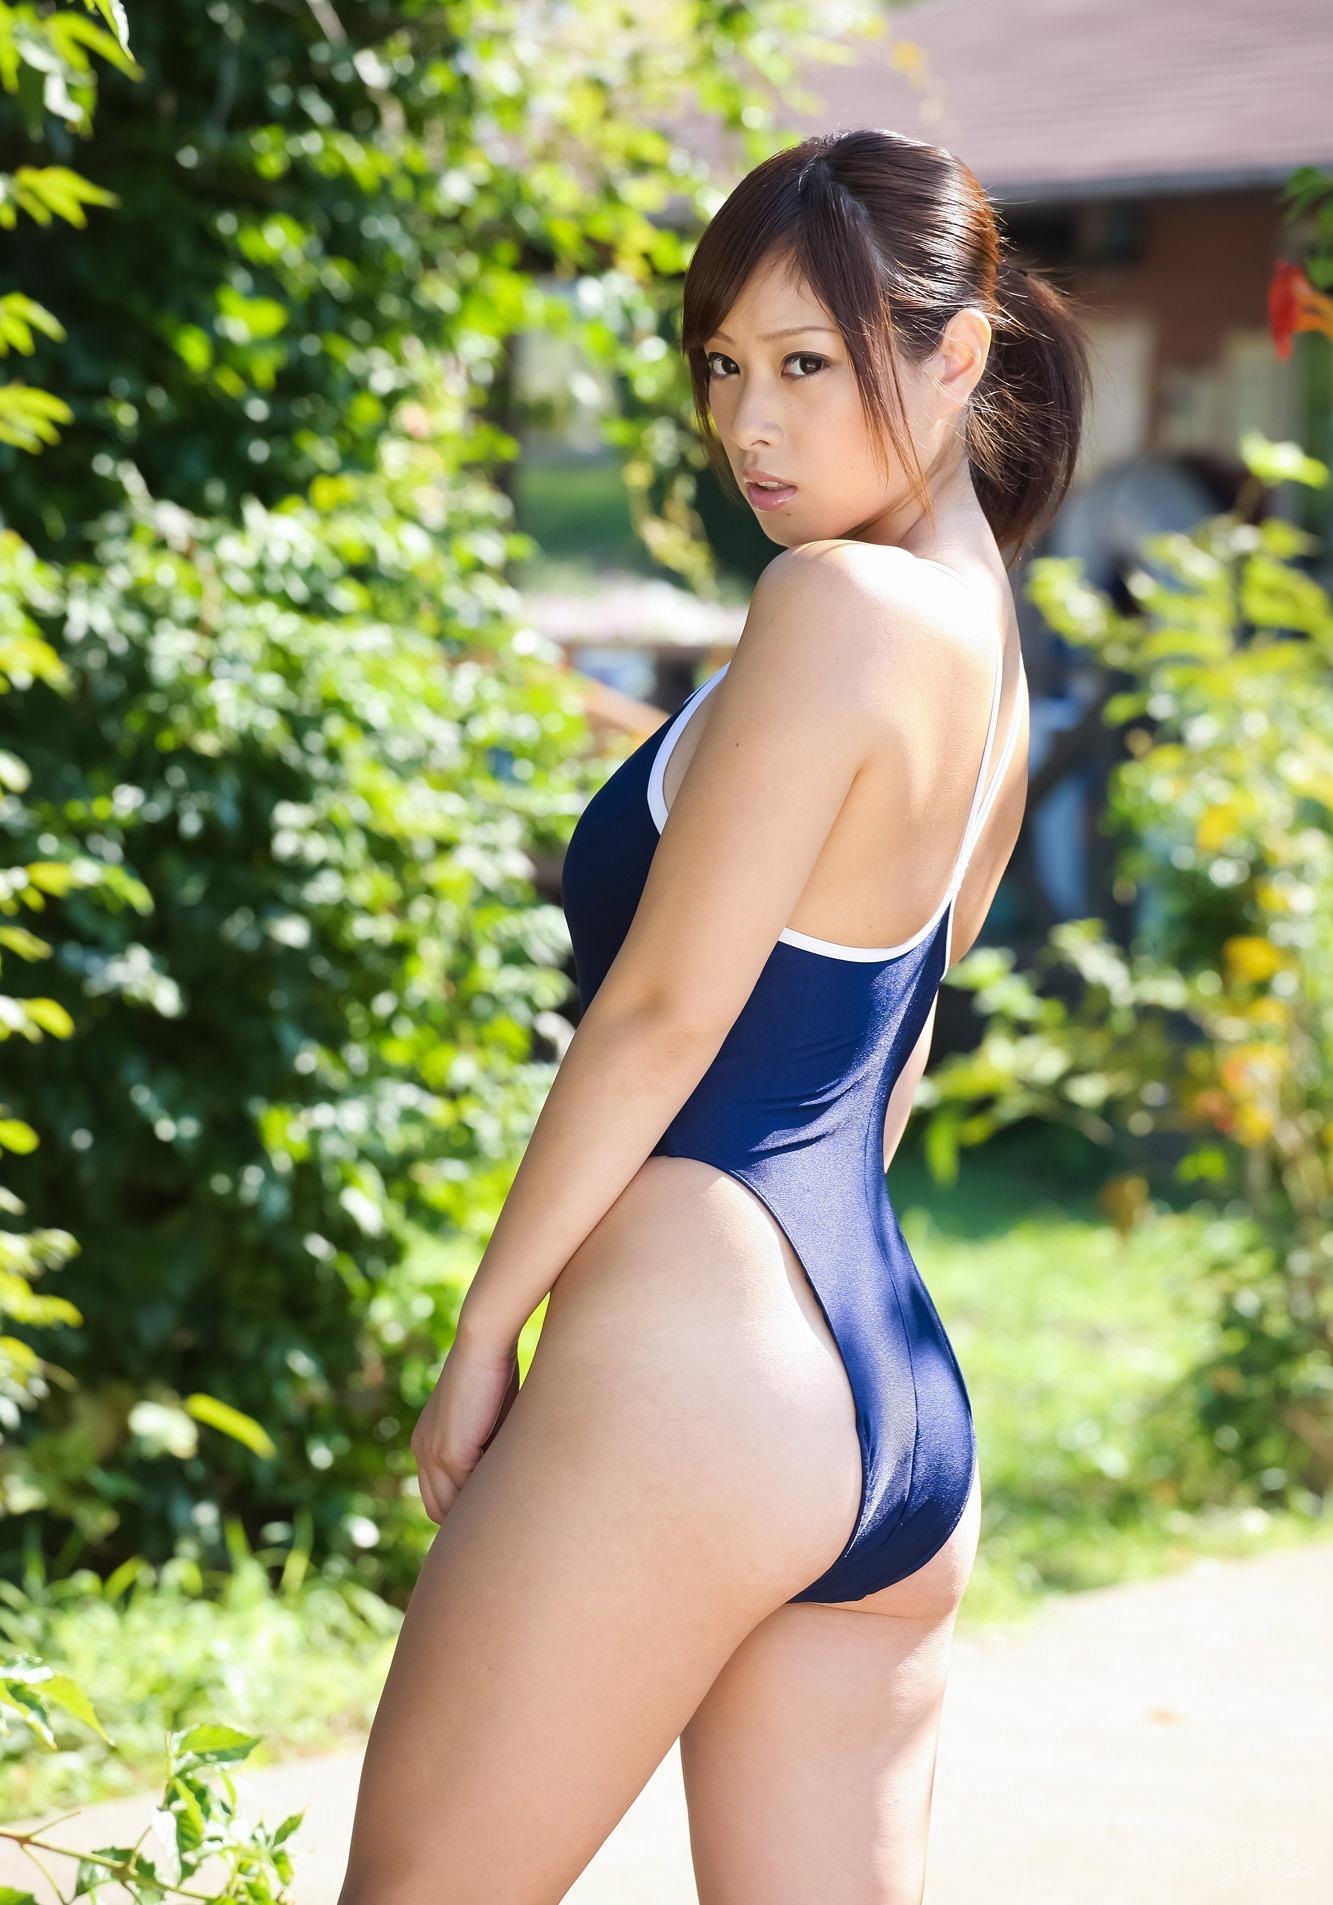 三次元 3次元 エロ画像 競泳水着 べっぴん娘通信 22